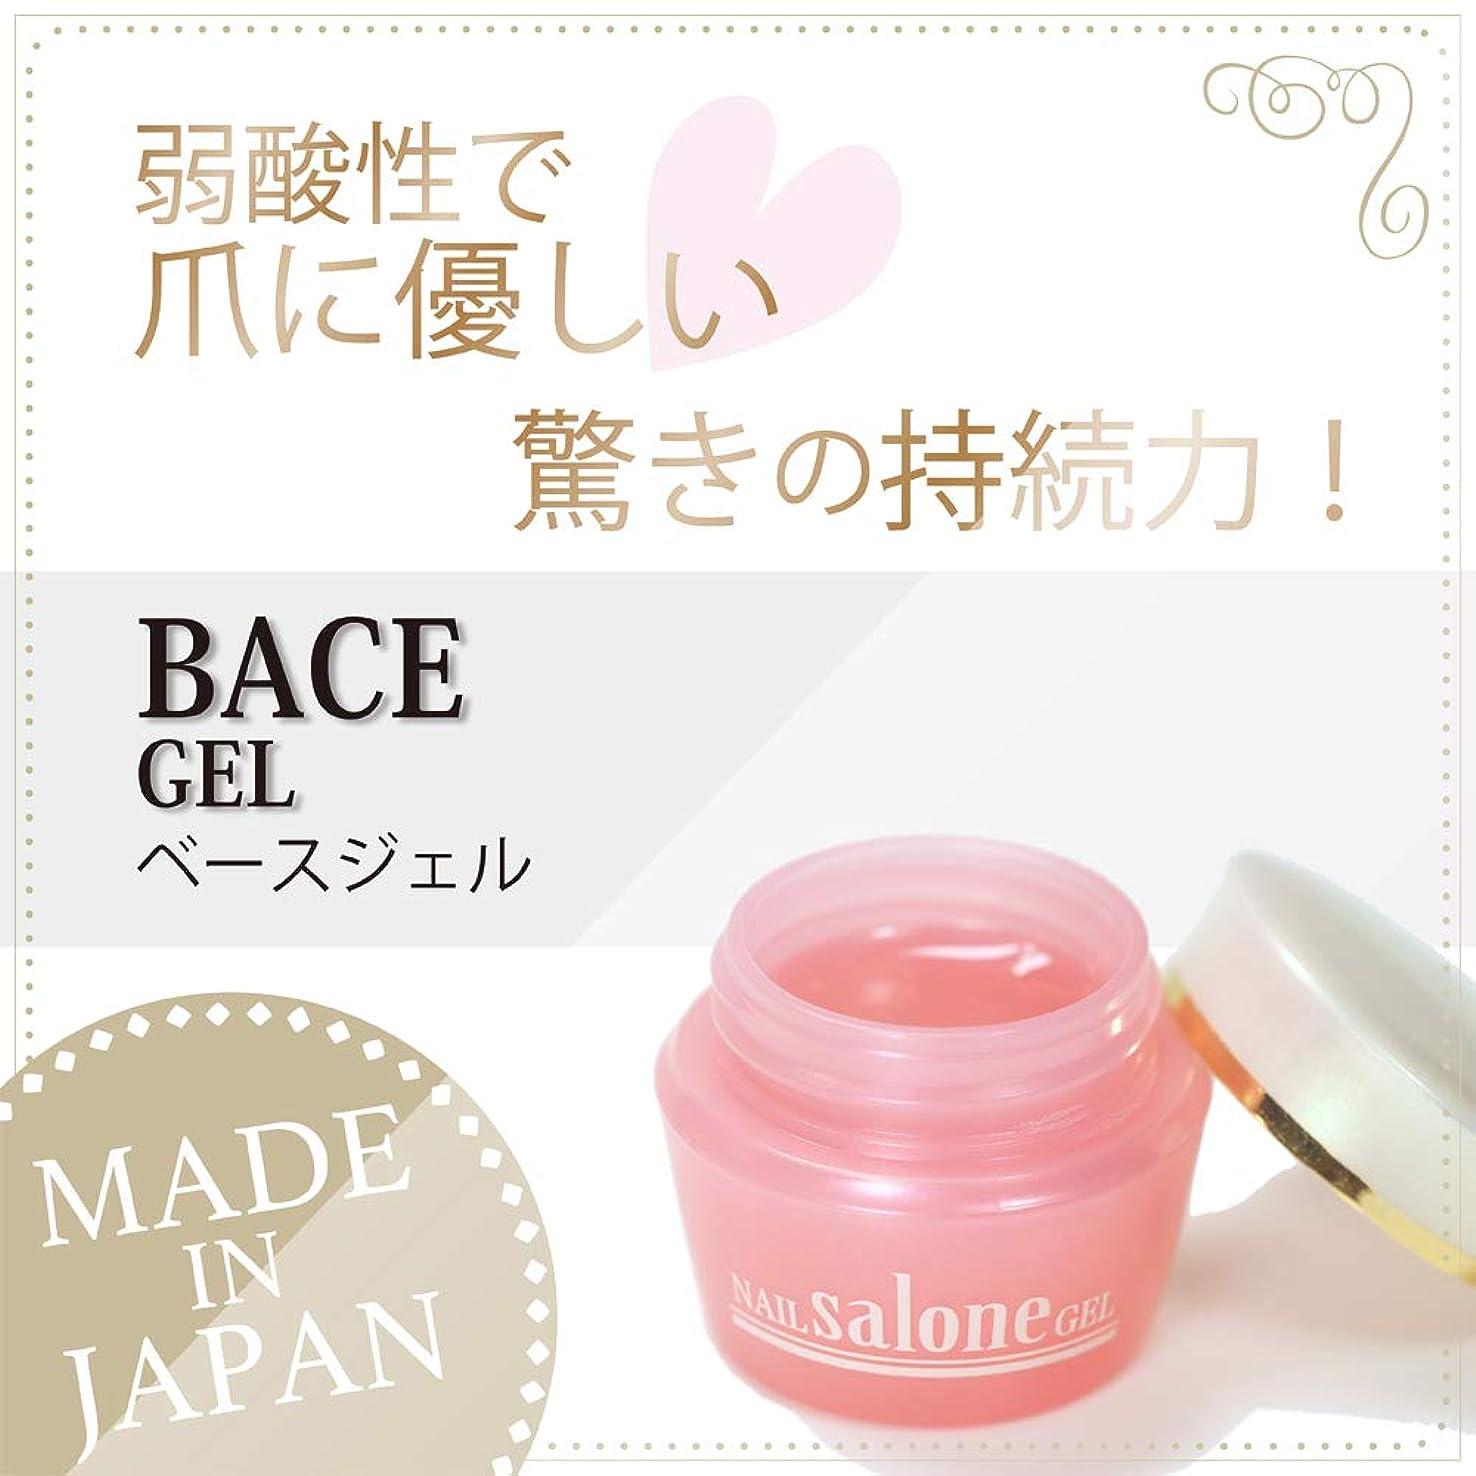 ラフデコードする名前でSalone gel サローネ ベースジェル 爪に優しい 日本製 驚きの密着力 リムーバーでオフも簡単3g